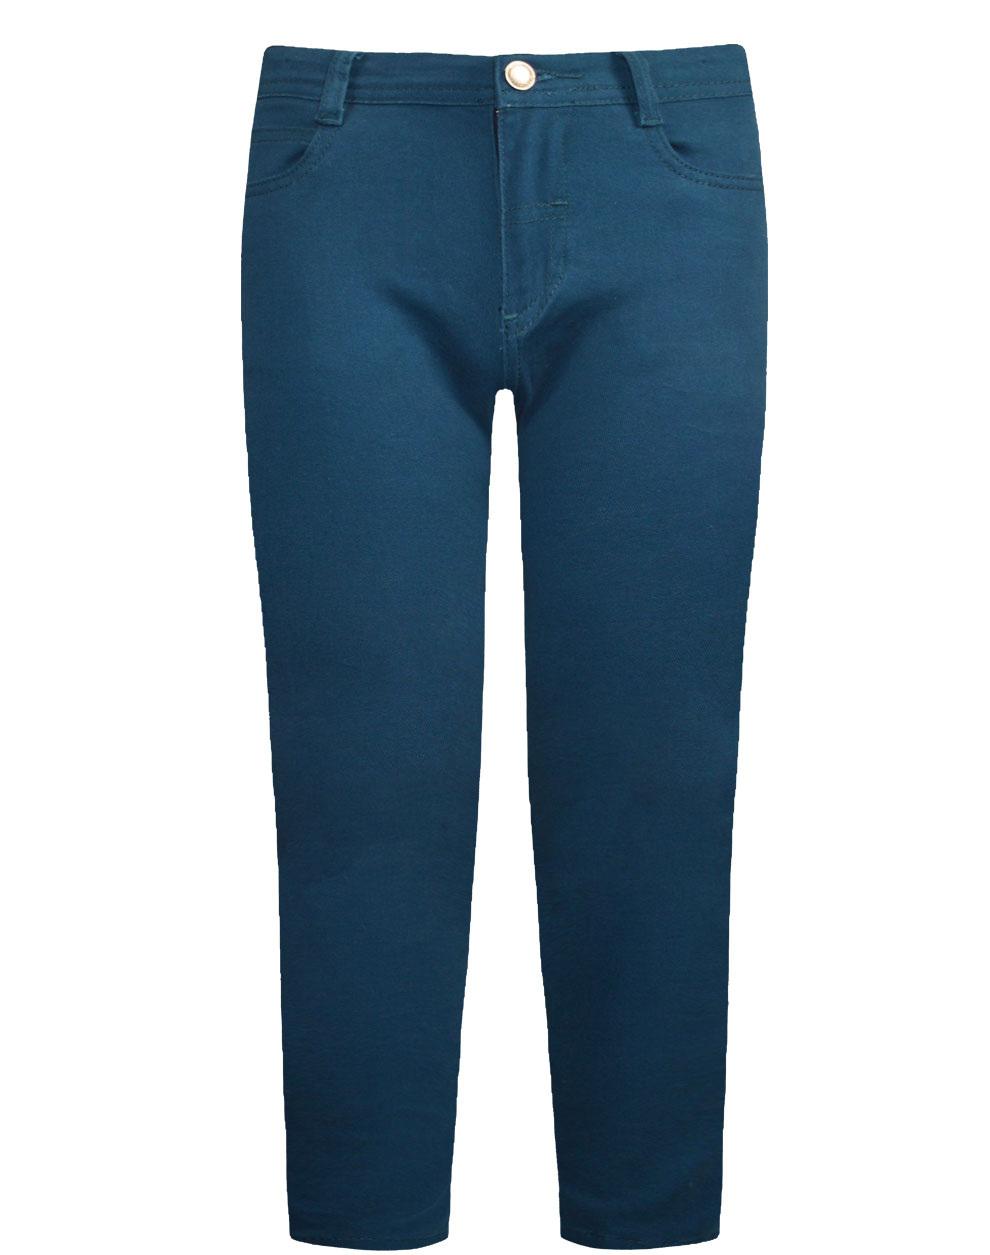 Πεντάτσεπο παντελόνι ελαστικό μονόχρωμο από σταθερό ύφασμα καμβάς 12-120108-2 - Πετρόλ - 18136-12/12/225/109